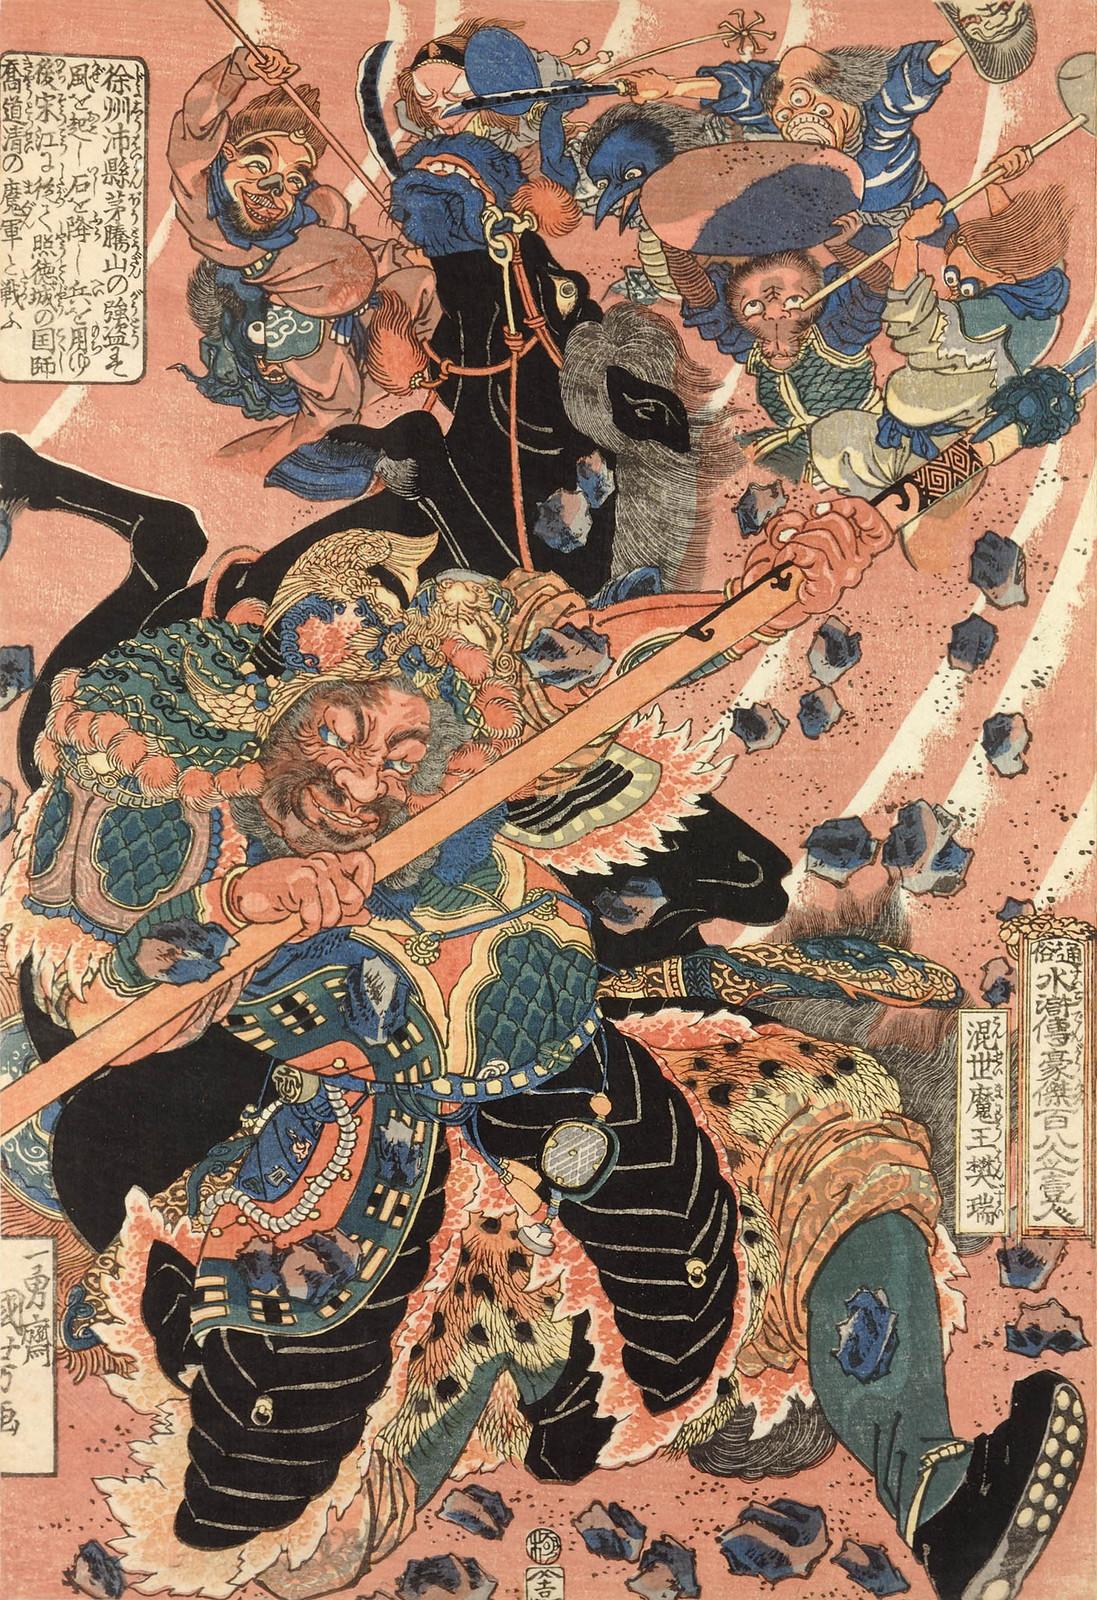 Utagawa Kuniyoshi - Tsuzoku Suikoden Goketsu Hyakuhachi-nin no Hitori Konsei Mao Bunzui invoking demons, stones and a storm by sorcery. 1827 (version 2)